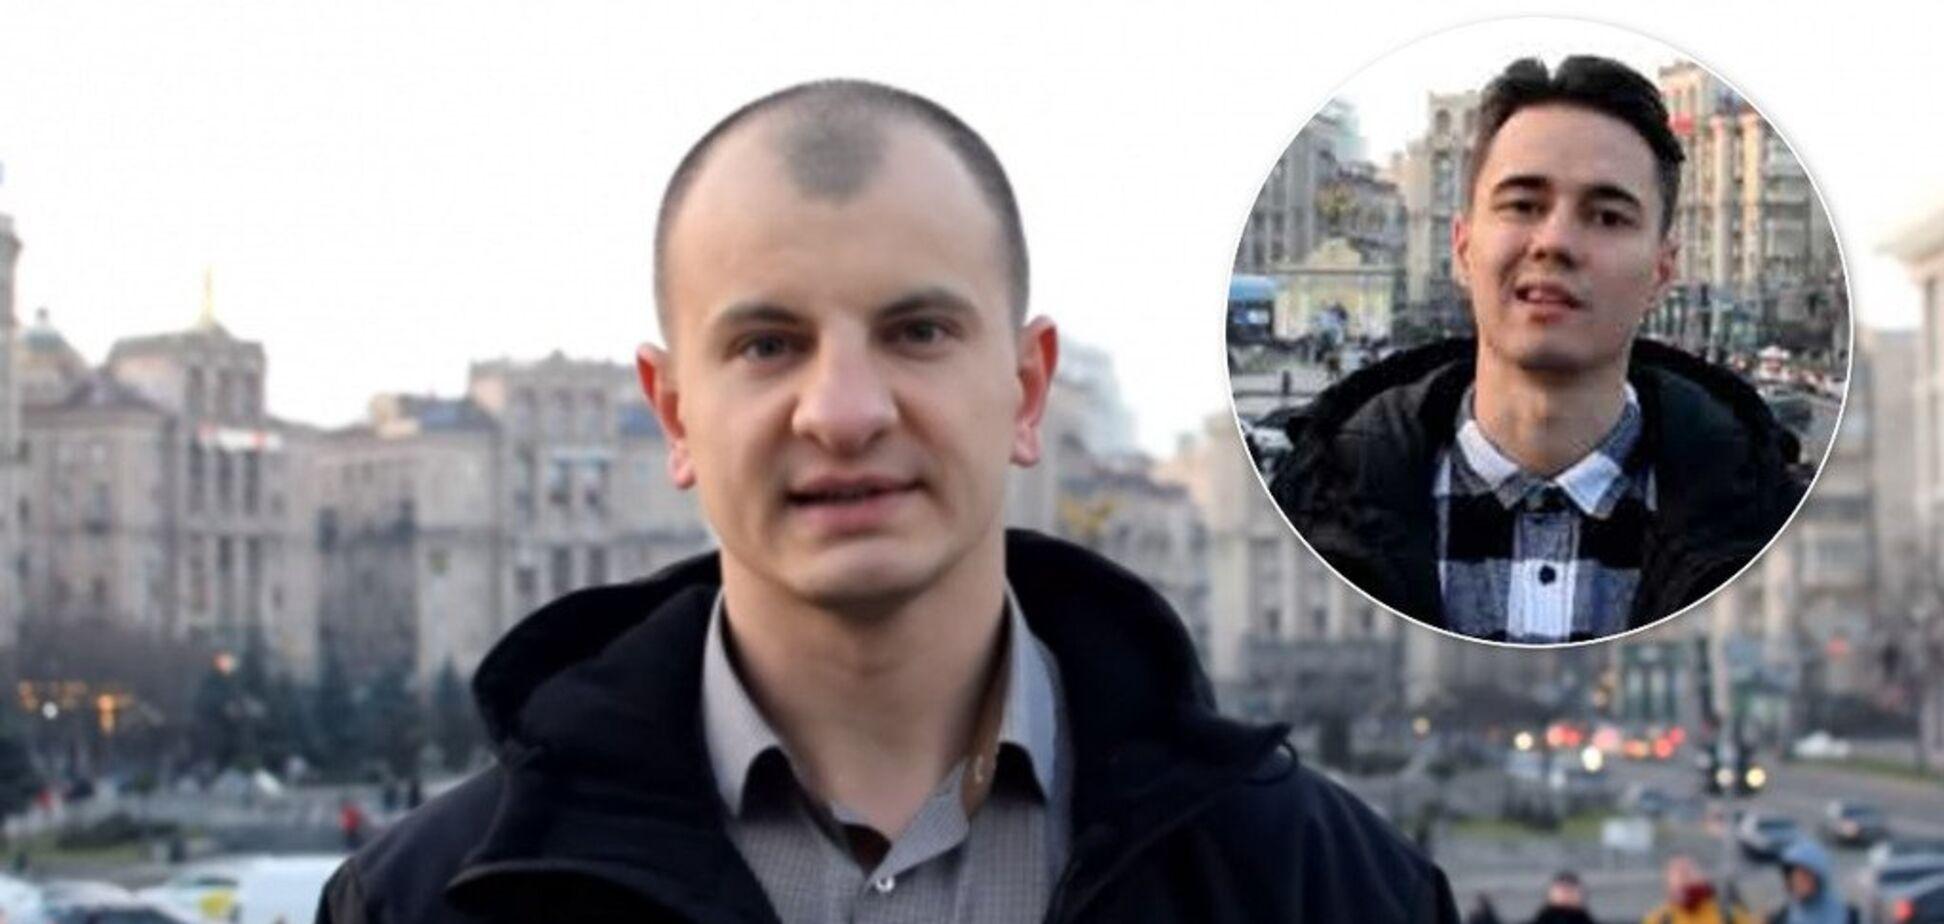 'Любіть Україну': учасник скандалу з 'русскім міром' в Києві вибачився за приниження активістів